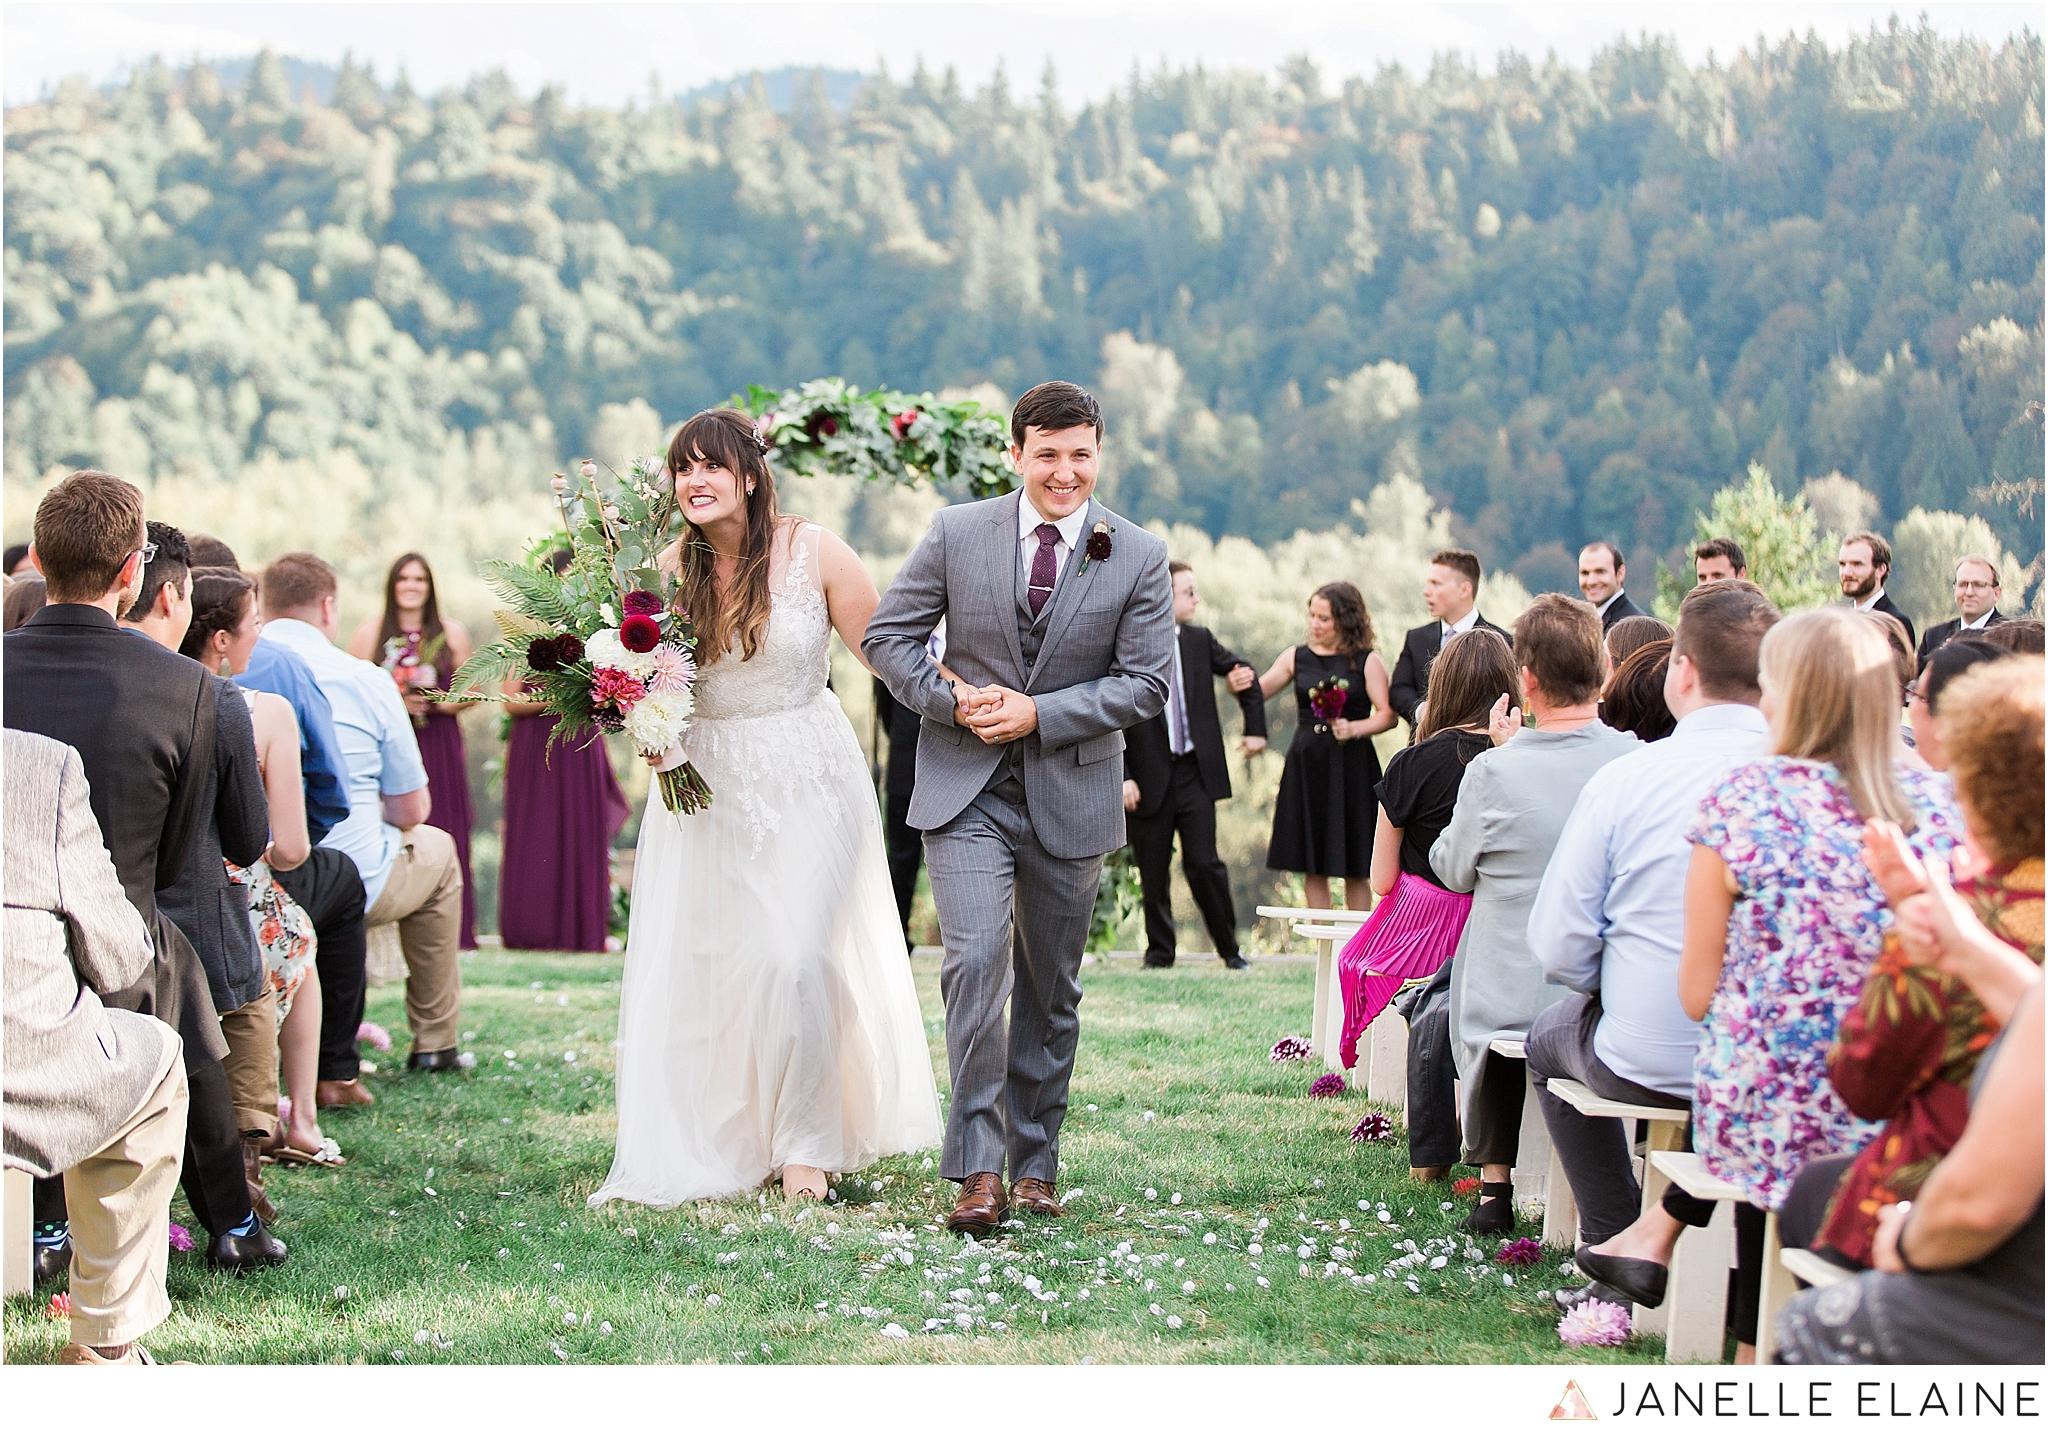 seattle-portrait-engagement-wedding-photographer-janelle-elaine-photography-68.jpg